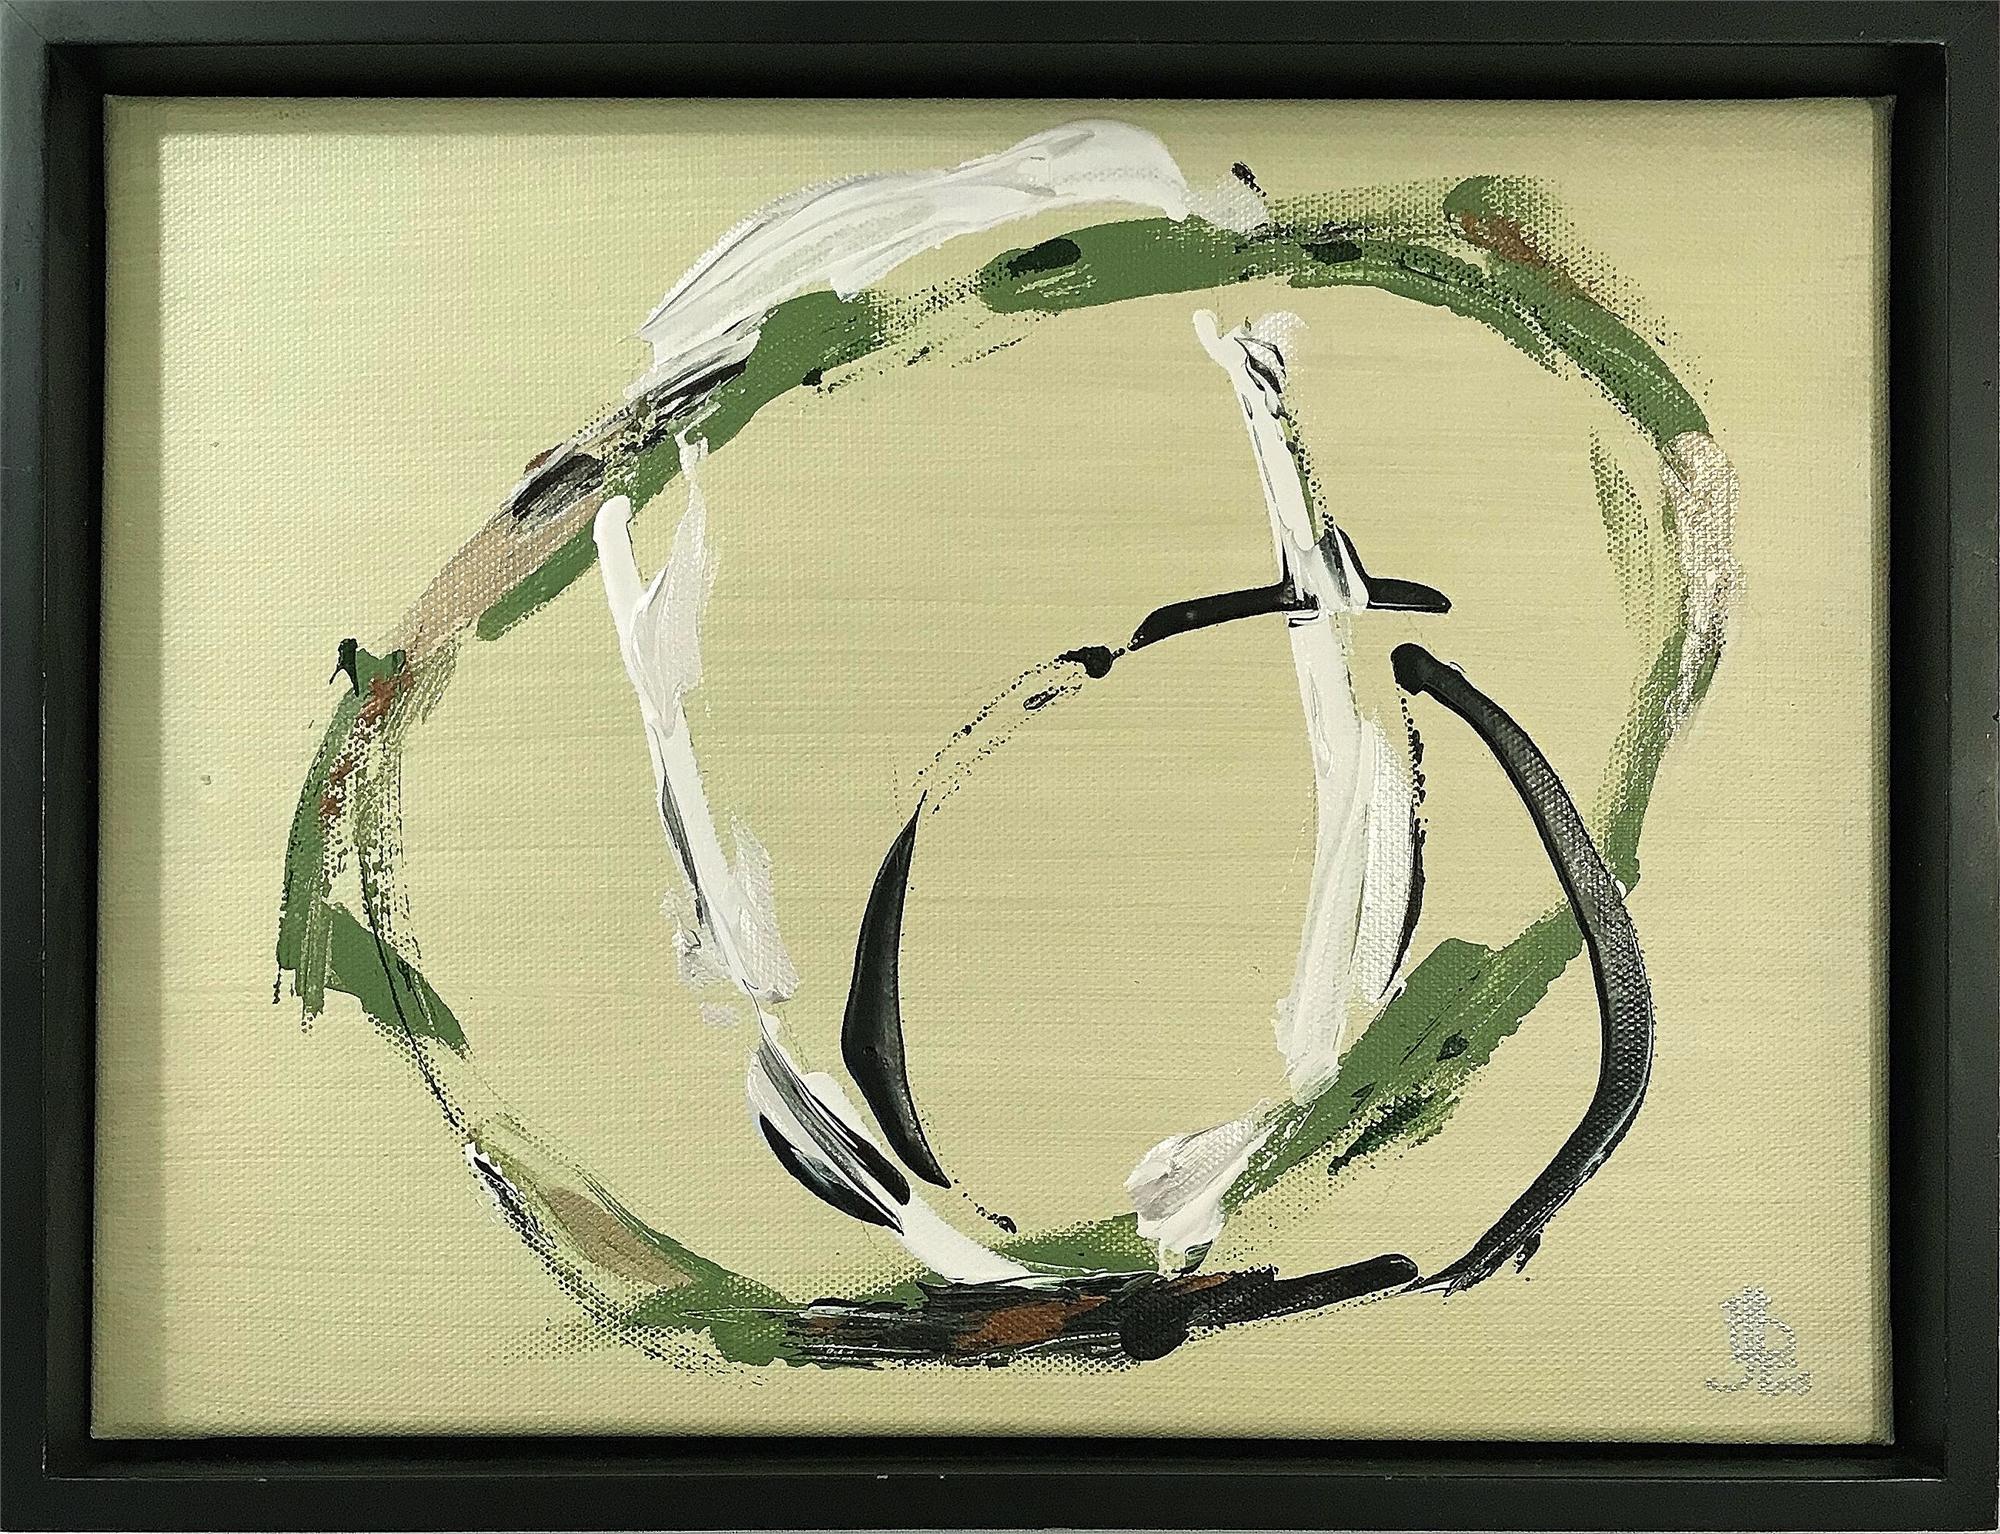 Celadon by Leslie Poteet Busker